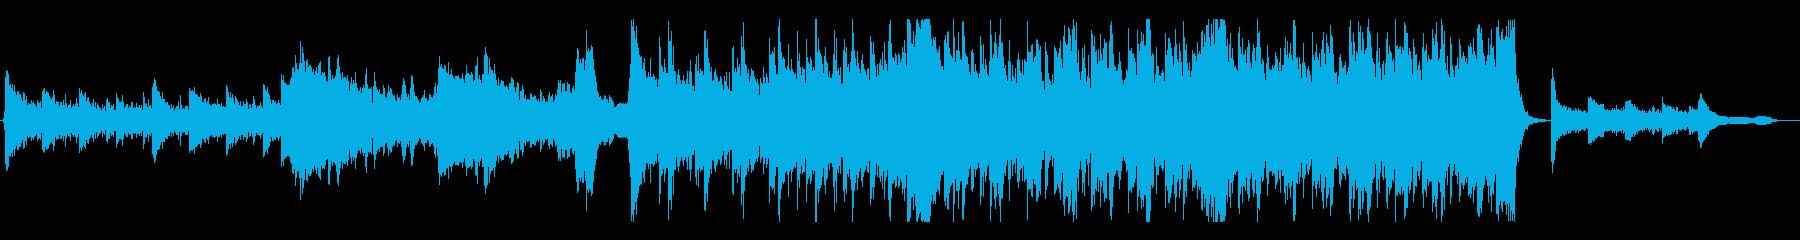 Epic/重くアグレッシブなオーケストラの再生済みの波形